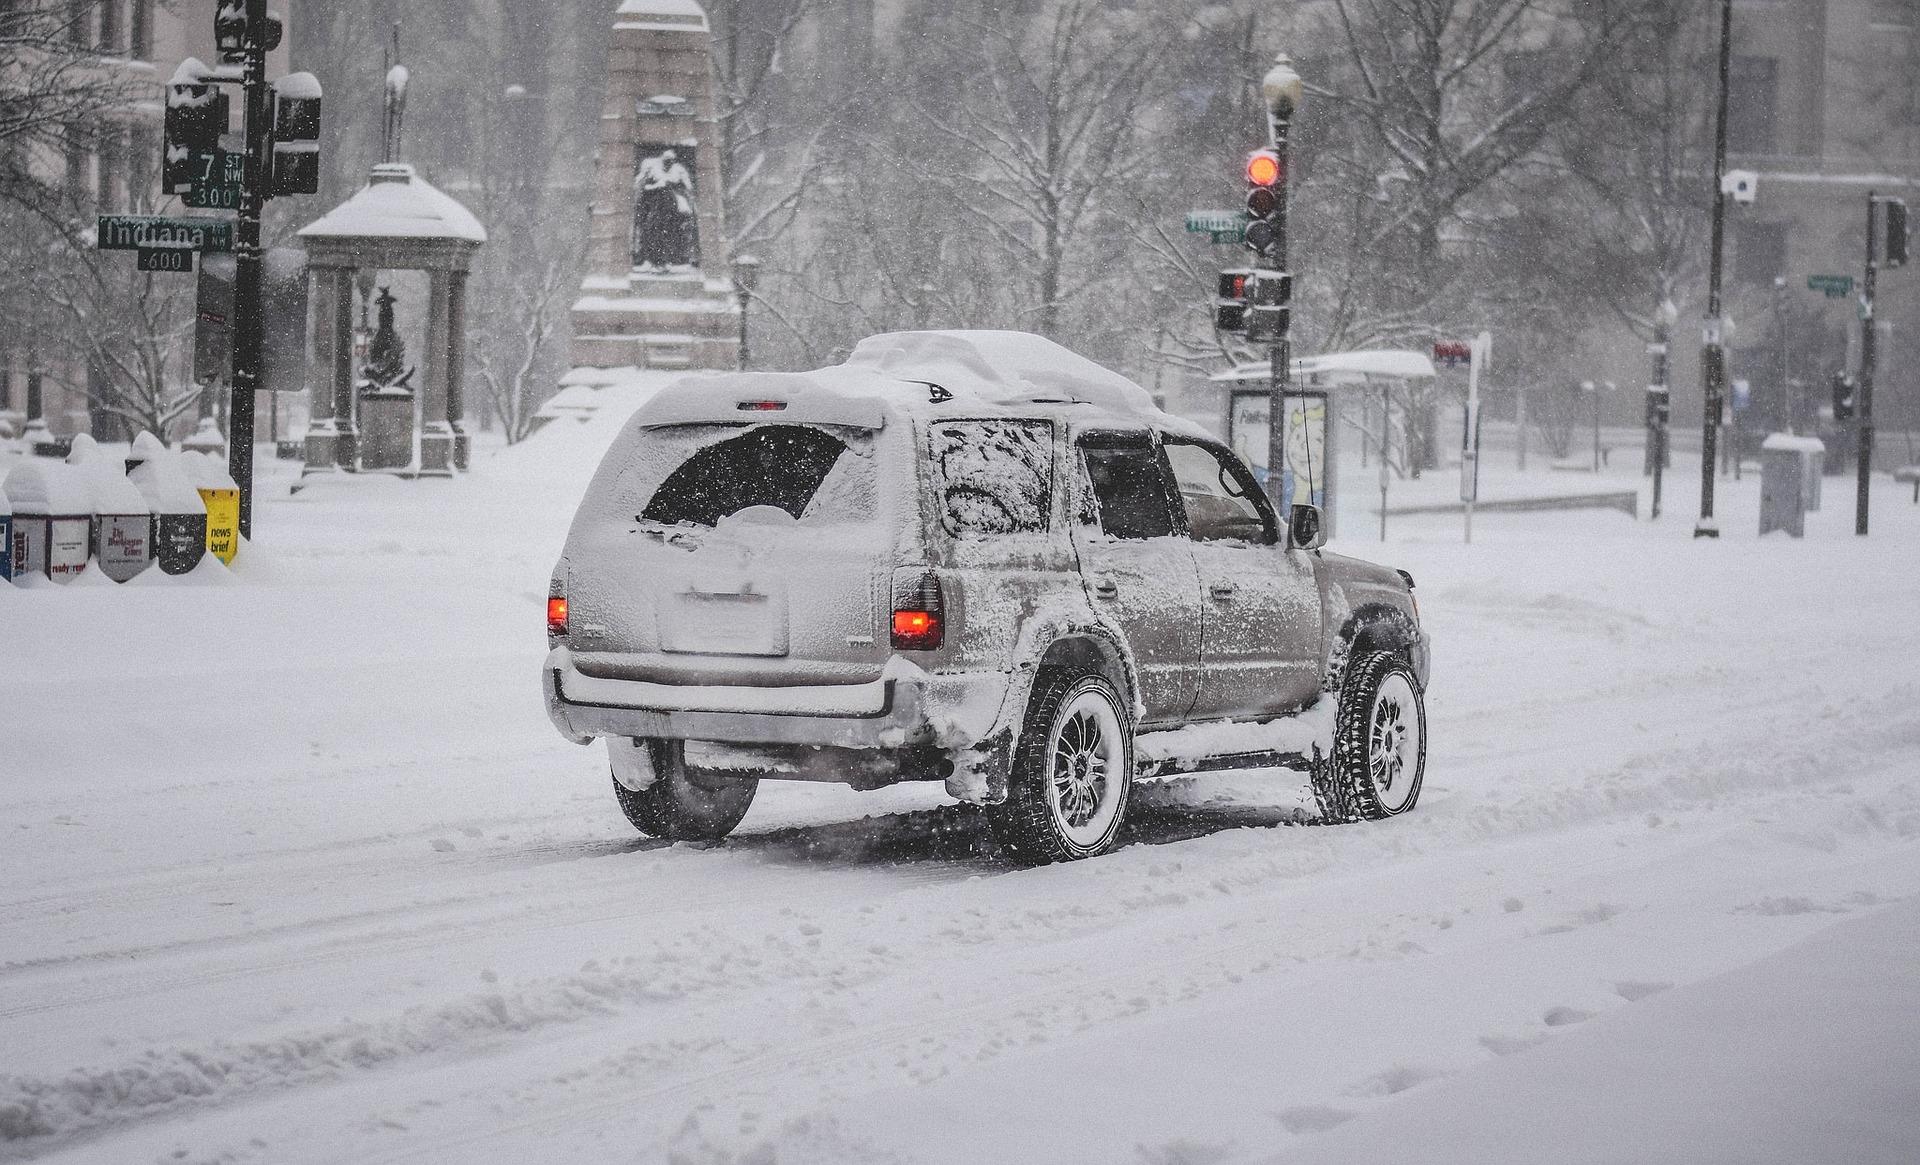 一輛在雪地裏行駛的汽車。(Pixabay)